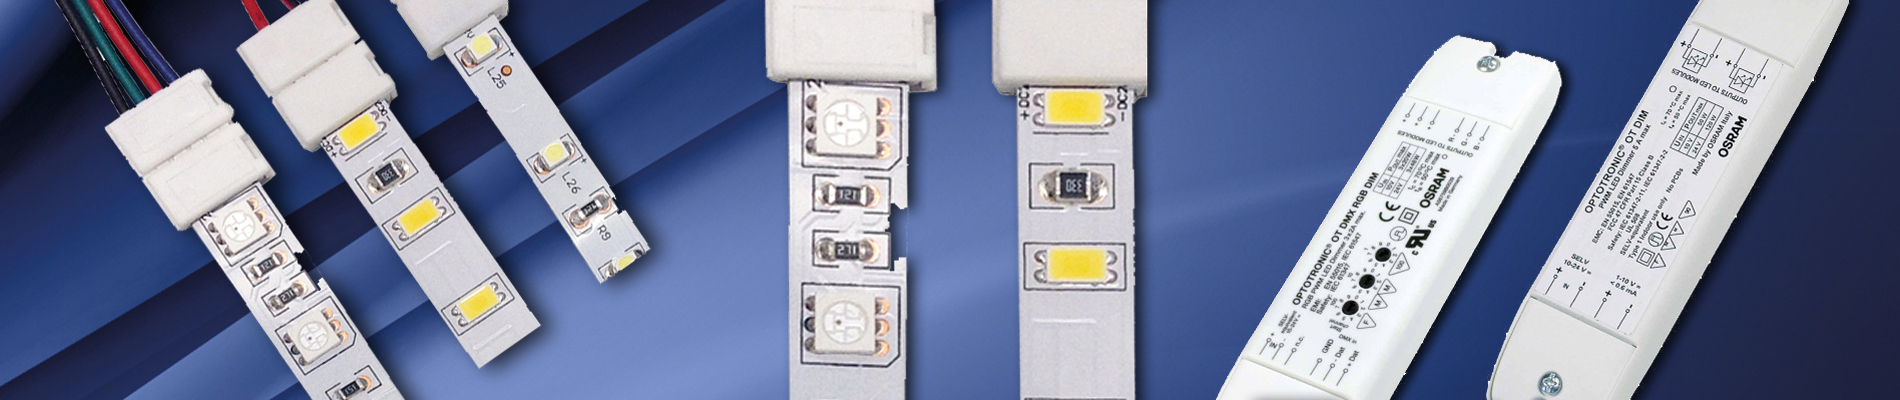 LED Komponenten